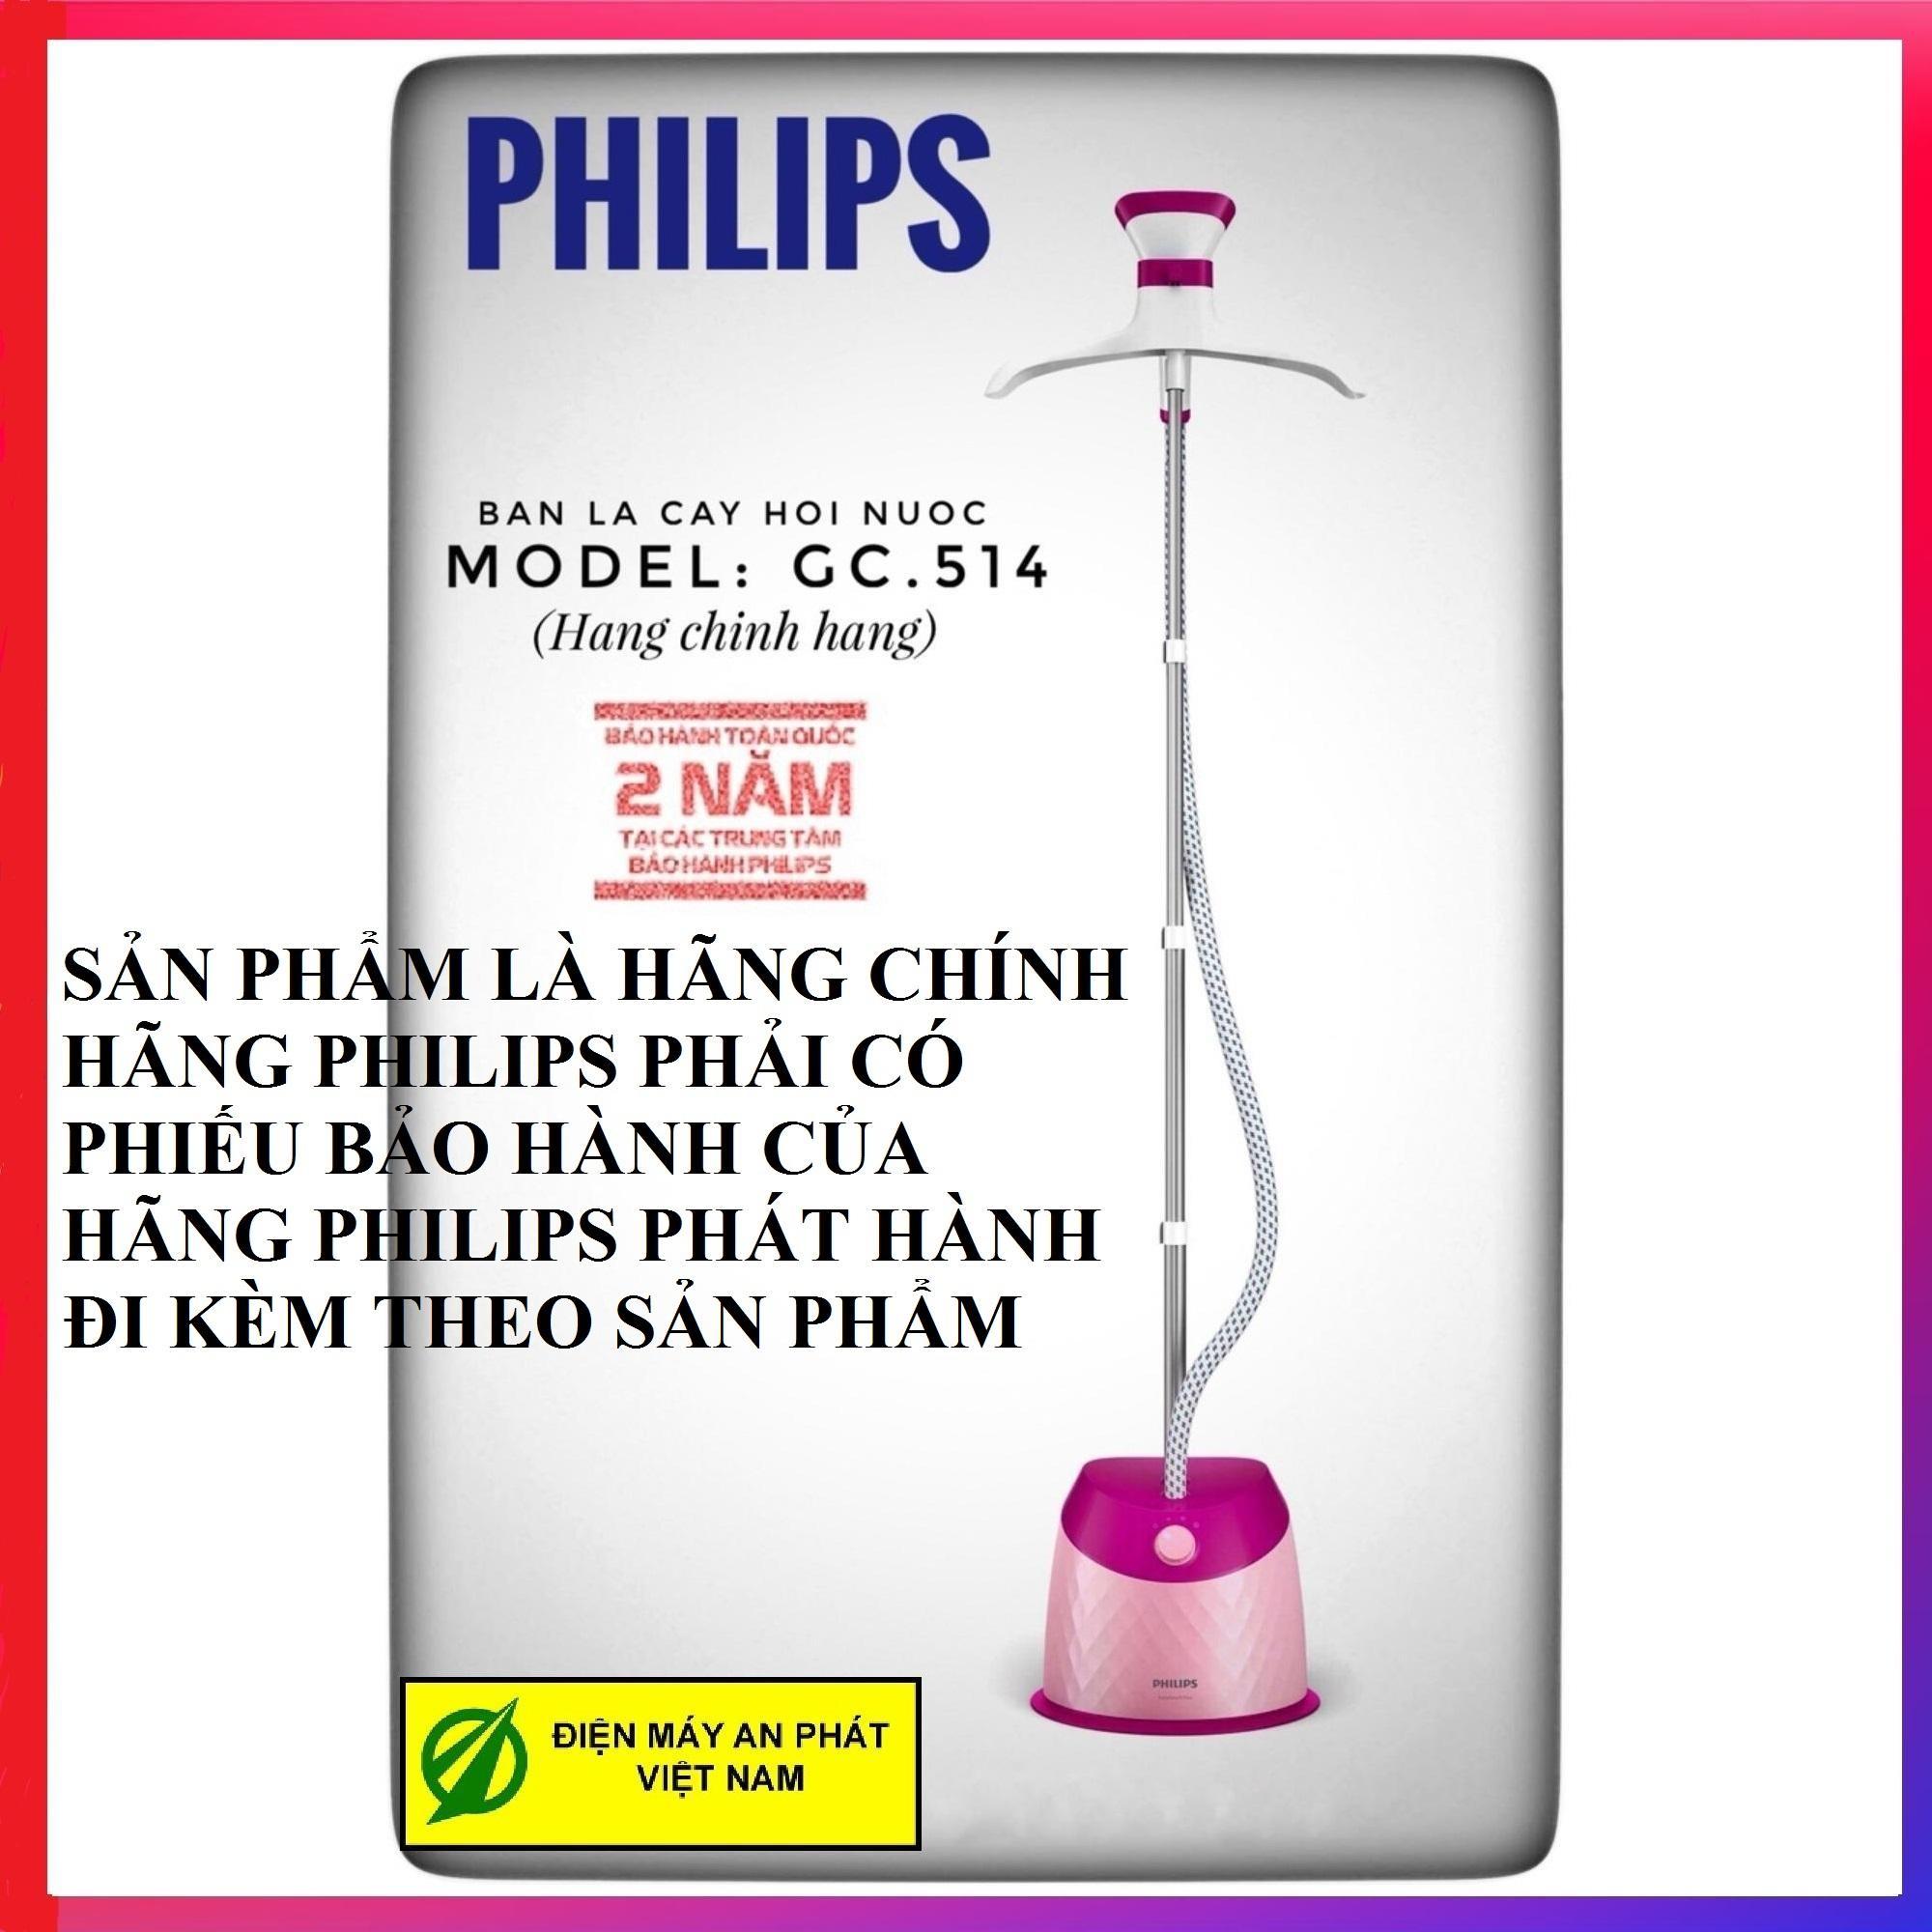 Bàn là hơi nước Philips GC514 - Hàng Công ty ( Bảo hành chính hãng 2 năm trên toàn quốc tại các trung tâm bảo hành)